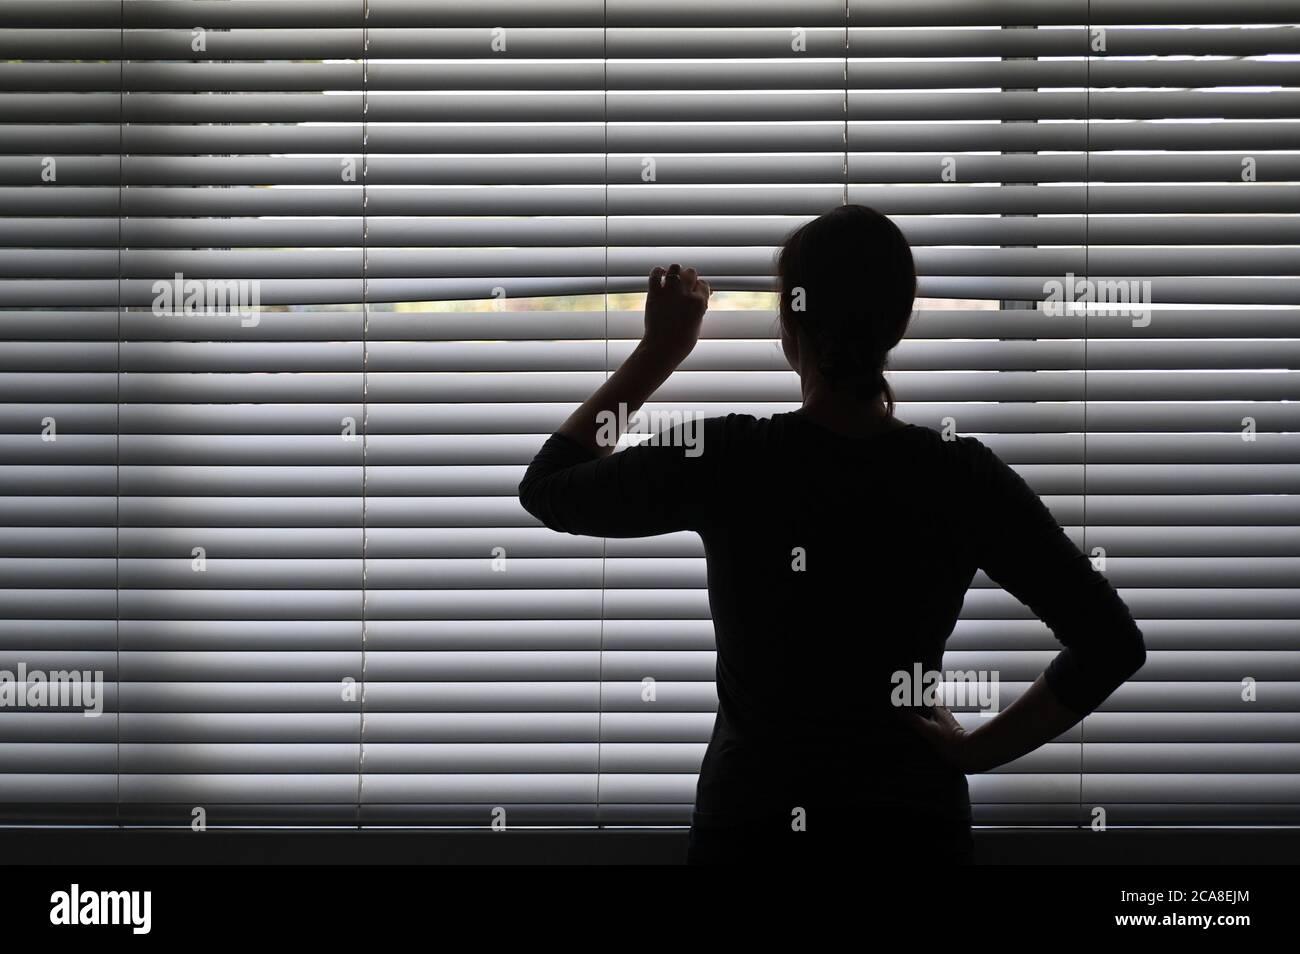 Mujer adulta sospechosa mirando fuera de la ventana de la casa desde detrás de las cortinas venecianas. Foto conceptual de la persona que tiene Pistanthrofobia y Agorafobia, Foto de stock